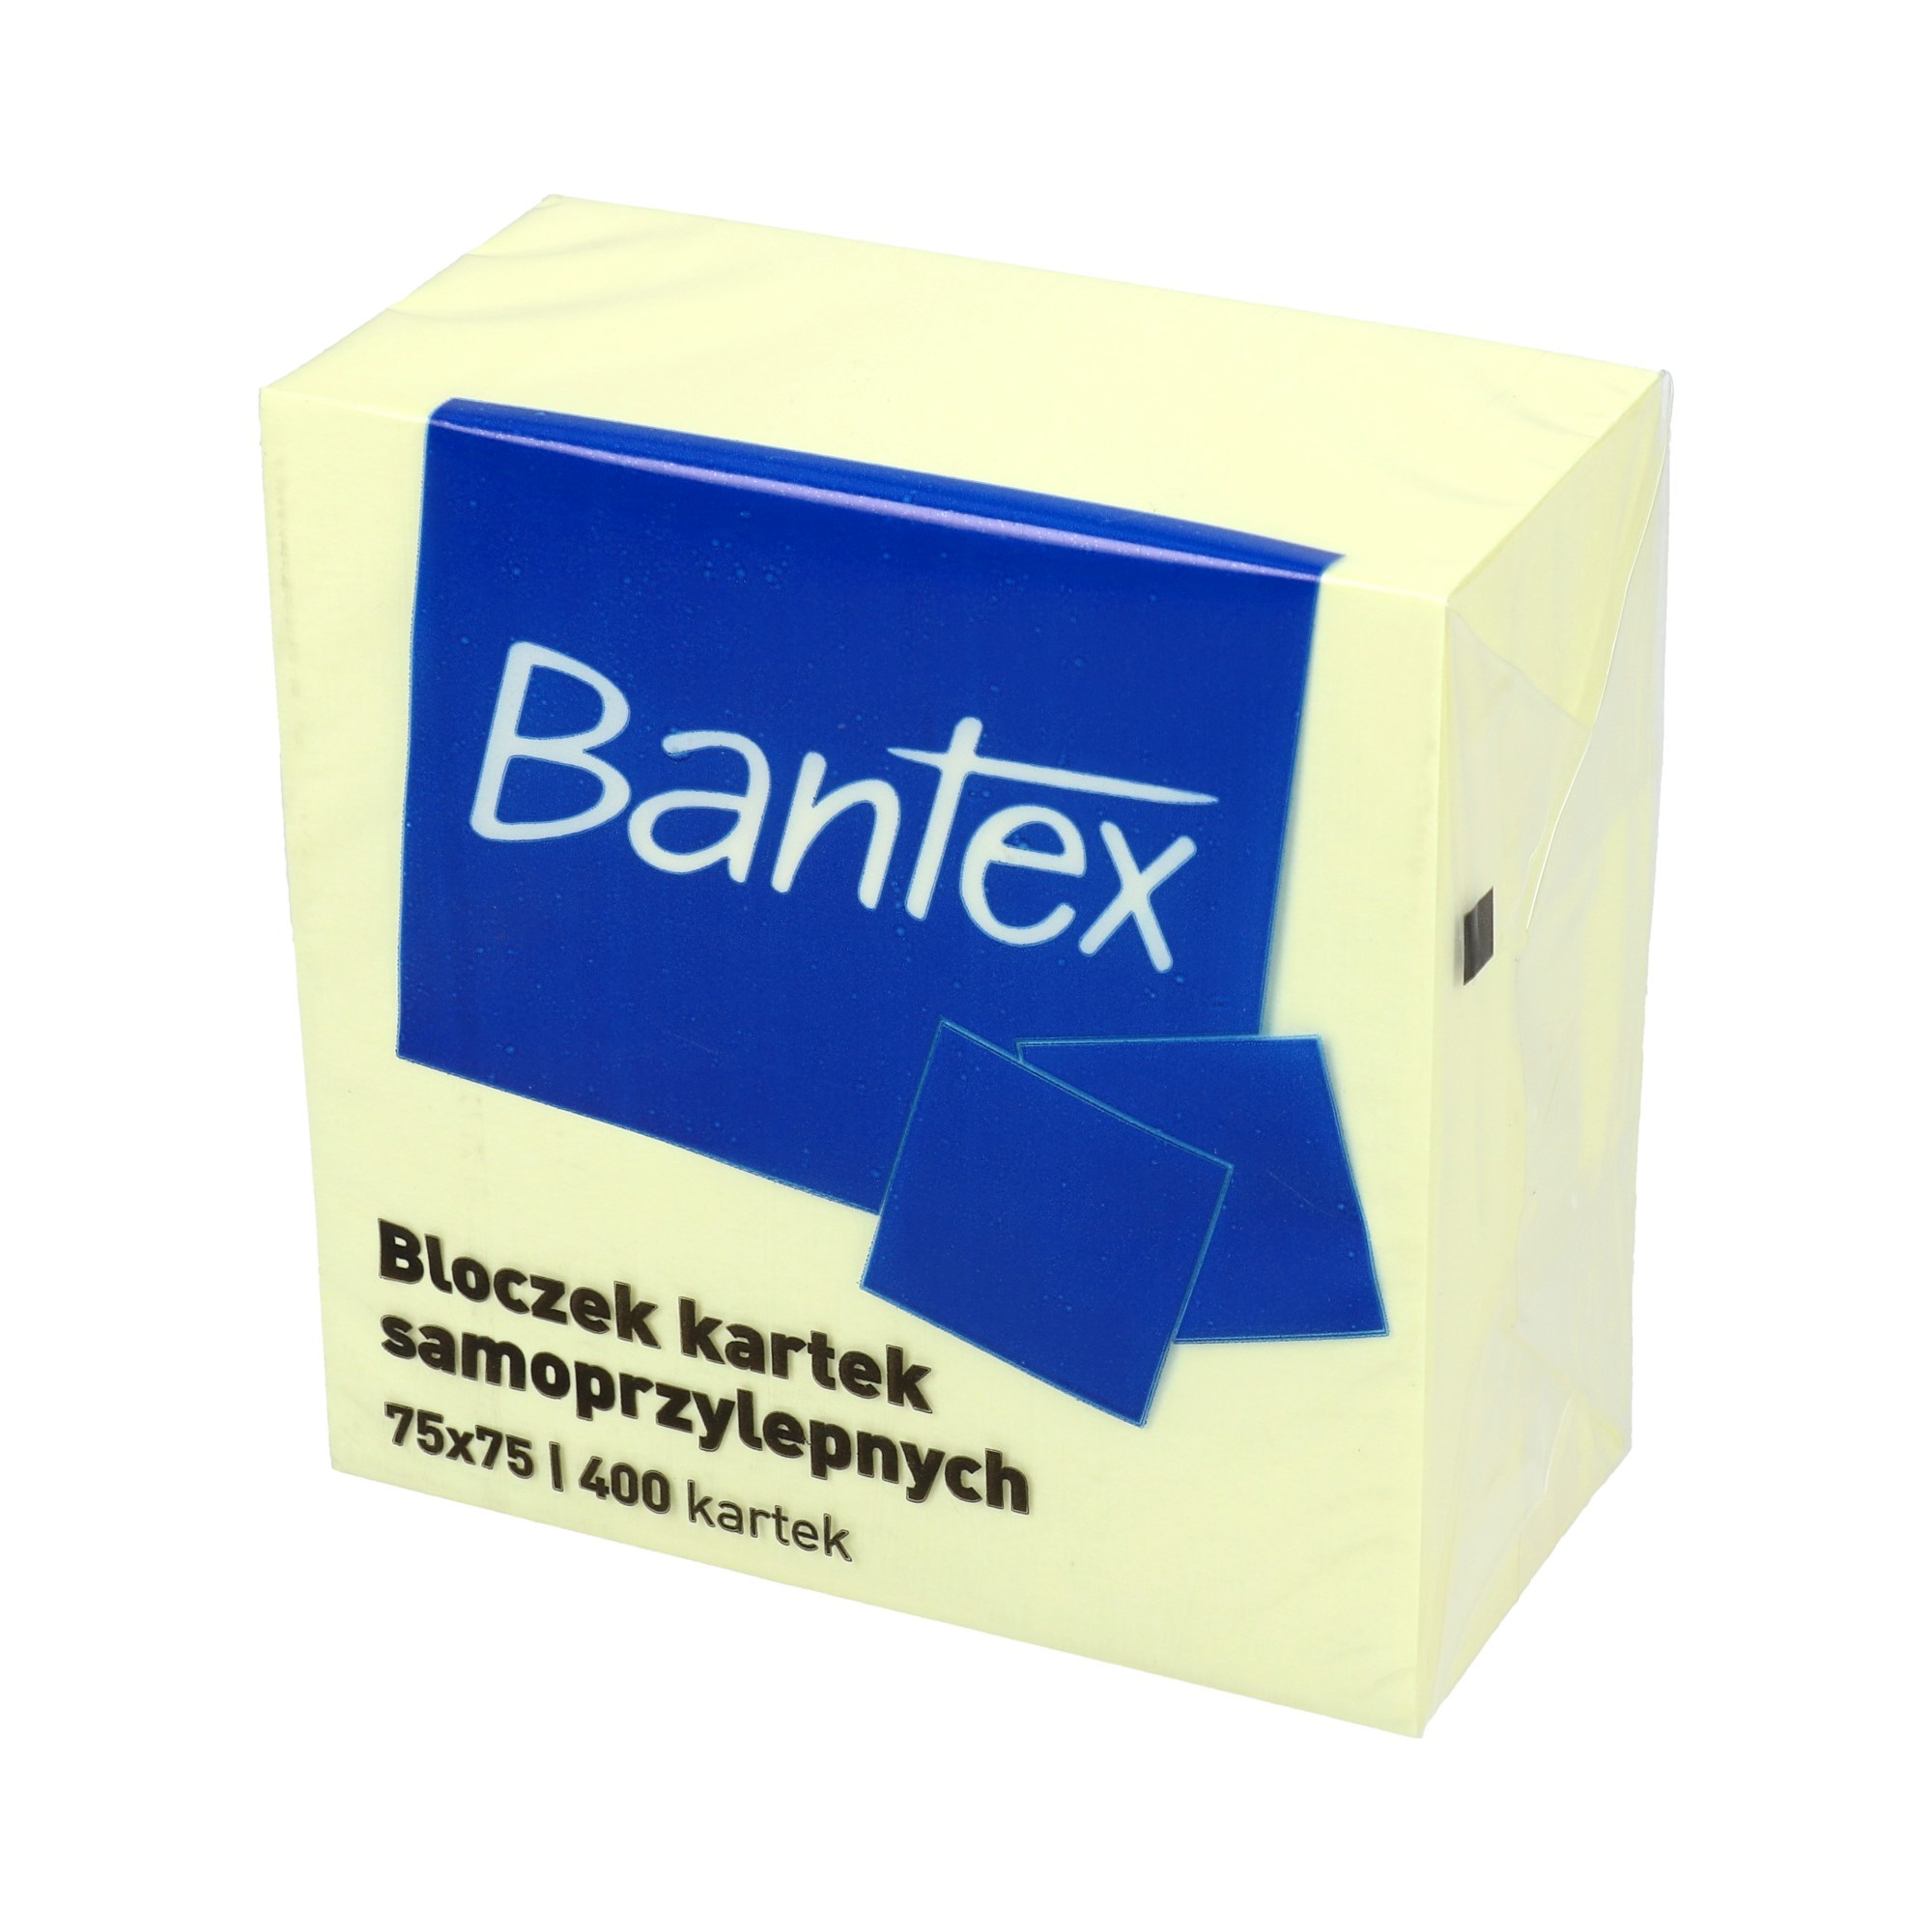 Karteczki samoprzylepne 75x75/400 żółte Bantex 6851